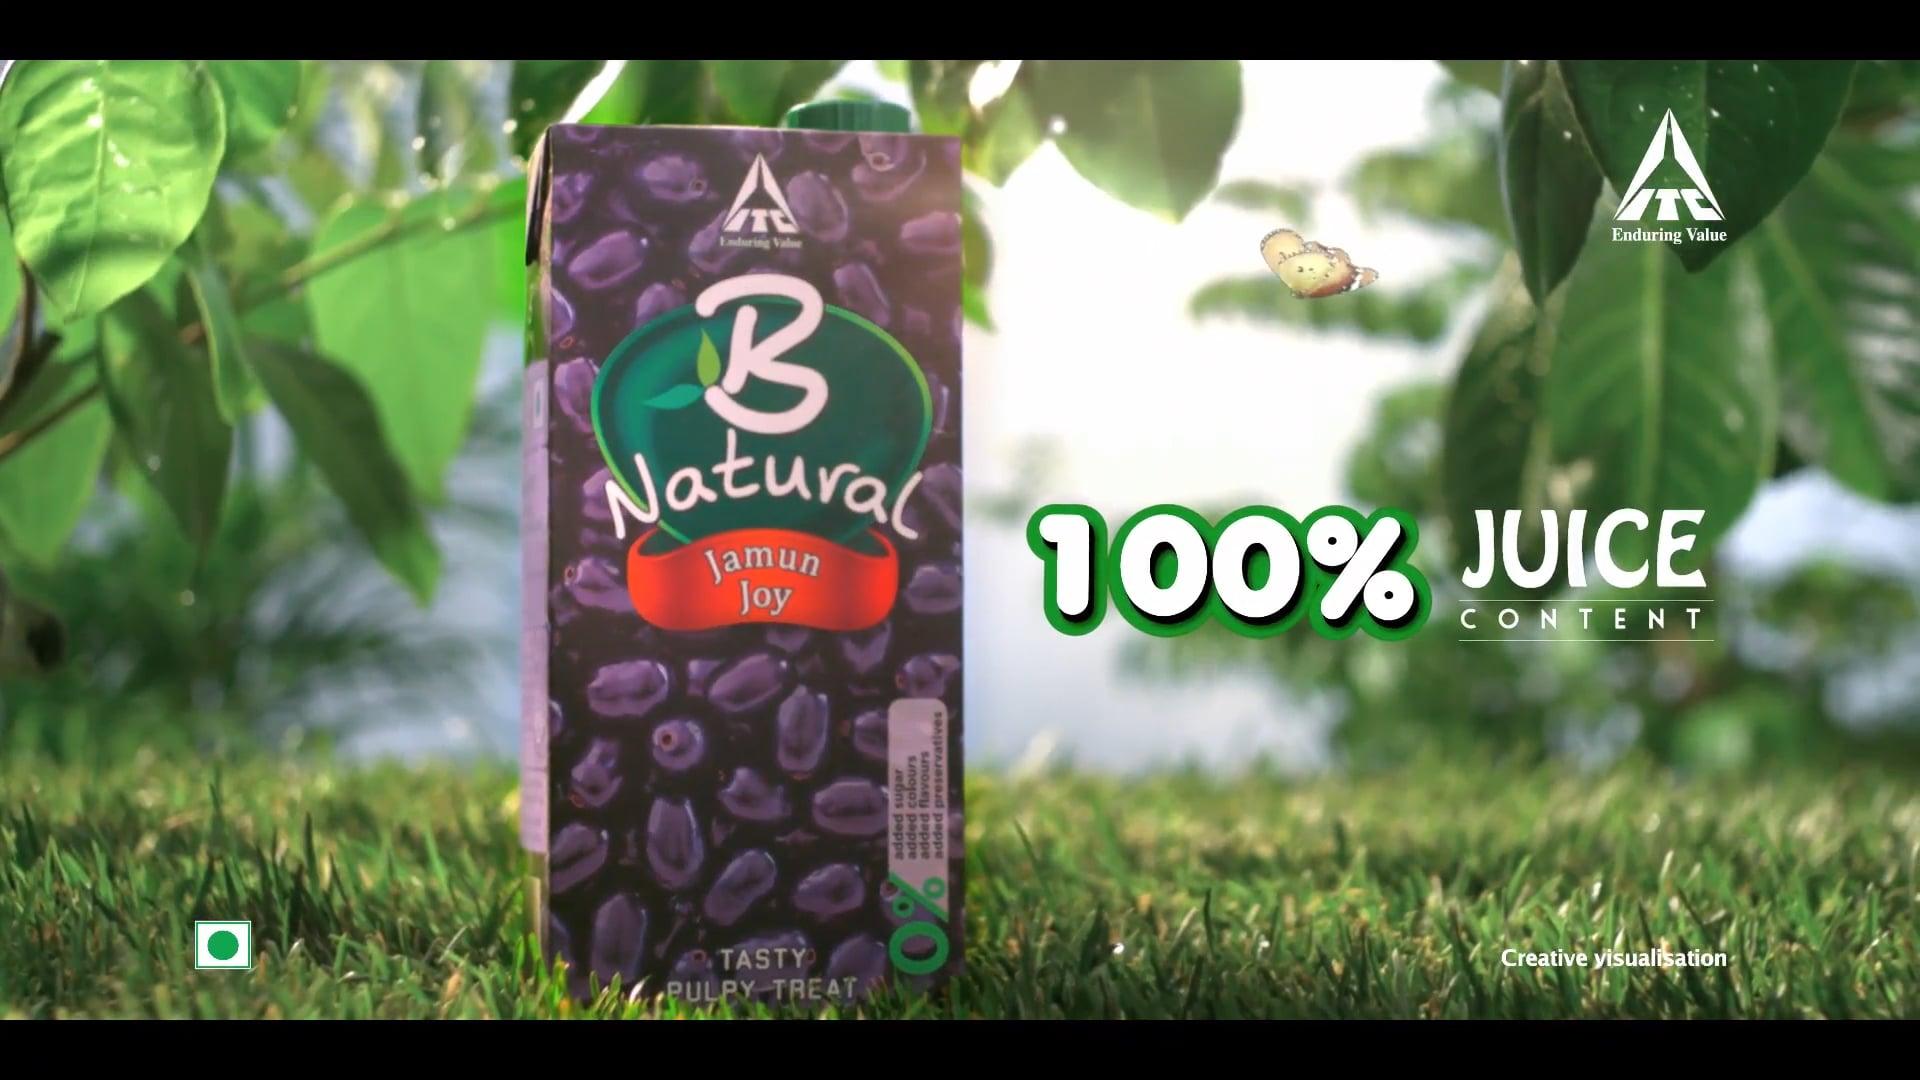 B-Natural Jamun Joy